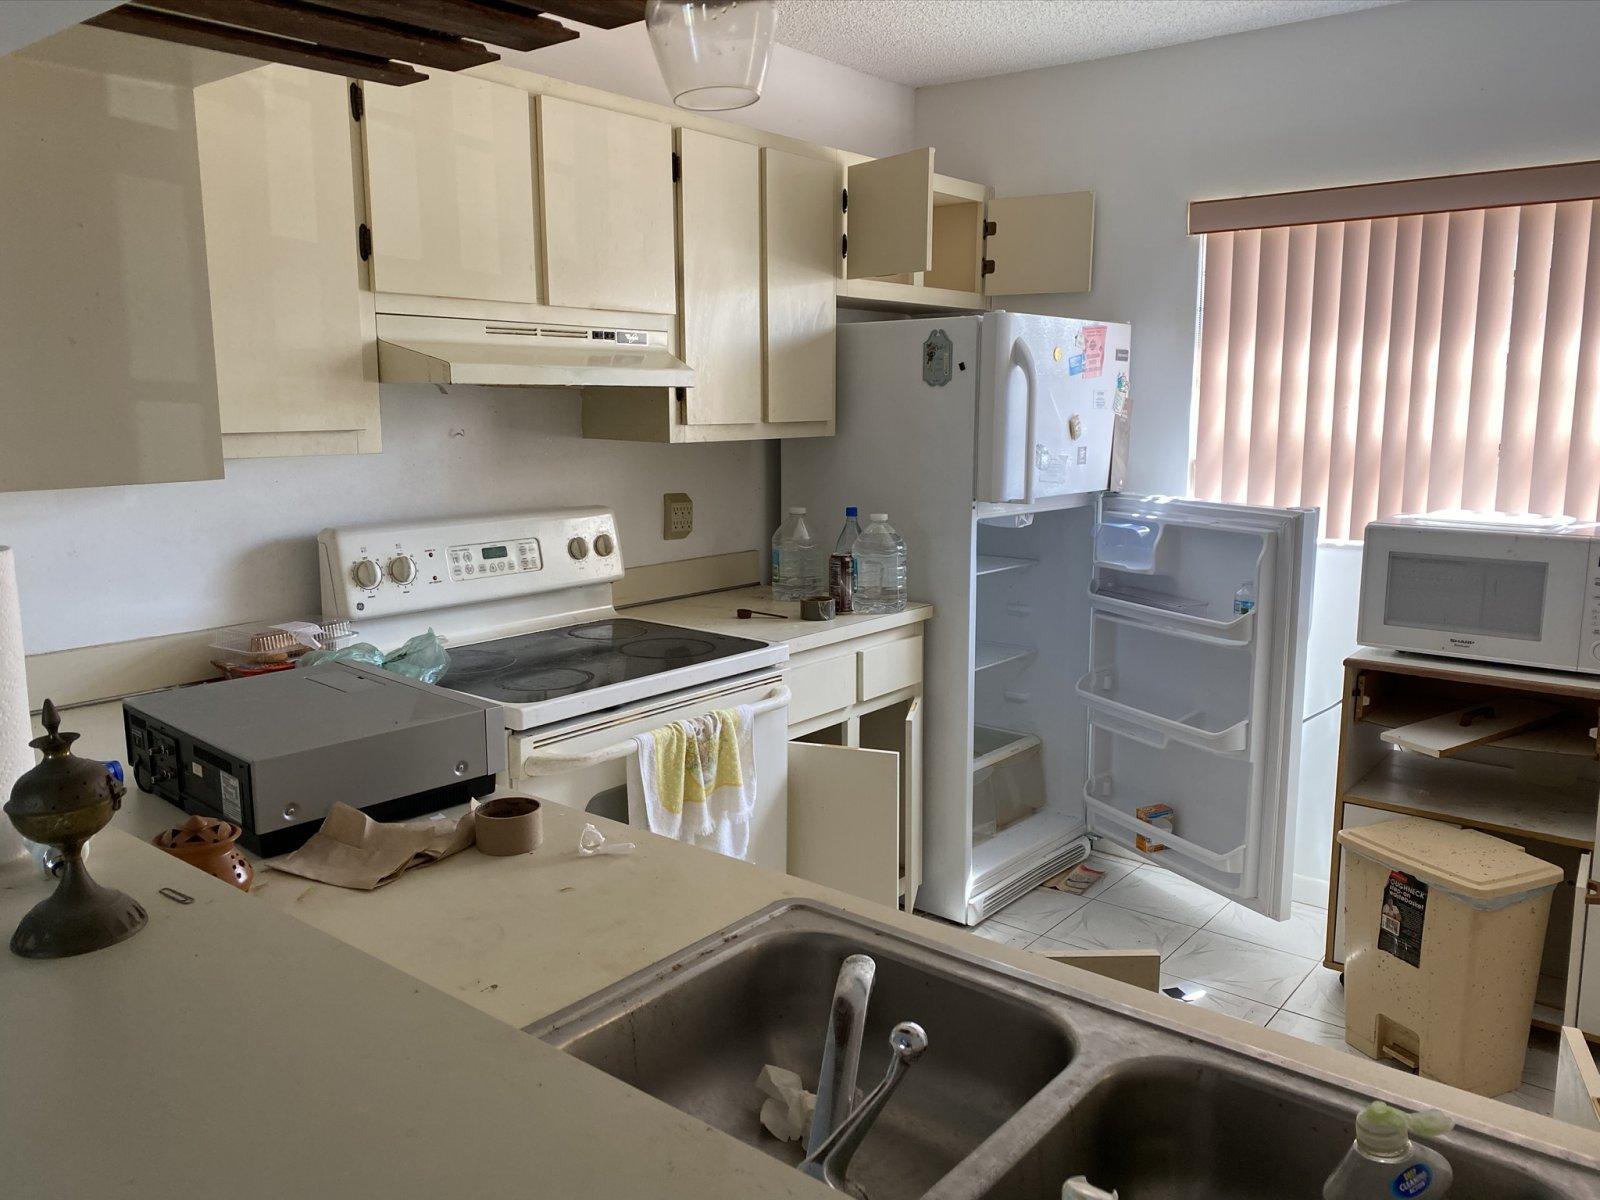 6285 NW 190th Terrace Hialeah, FL 33015, USA